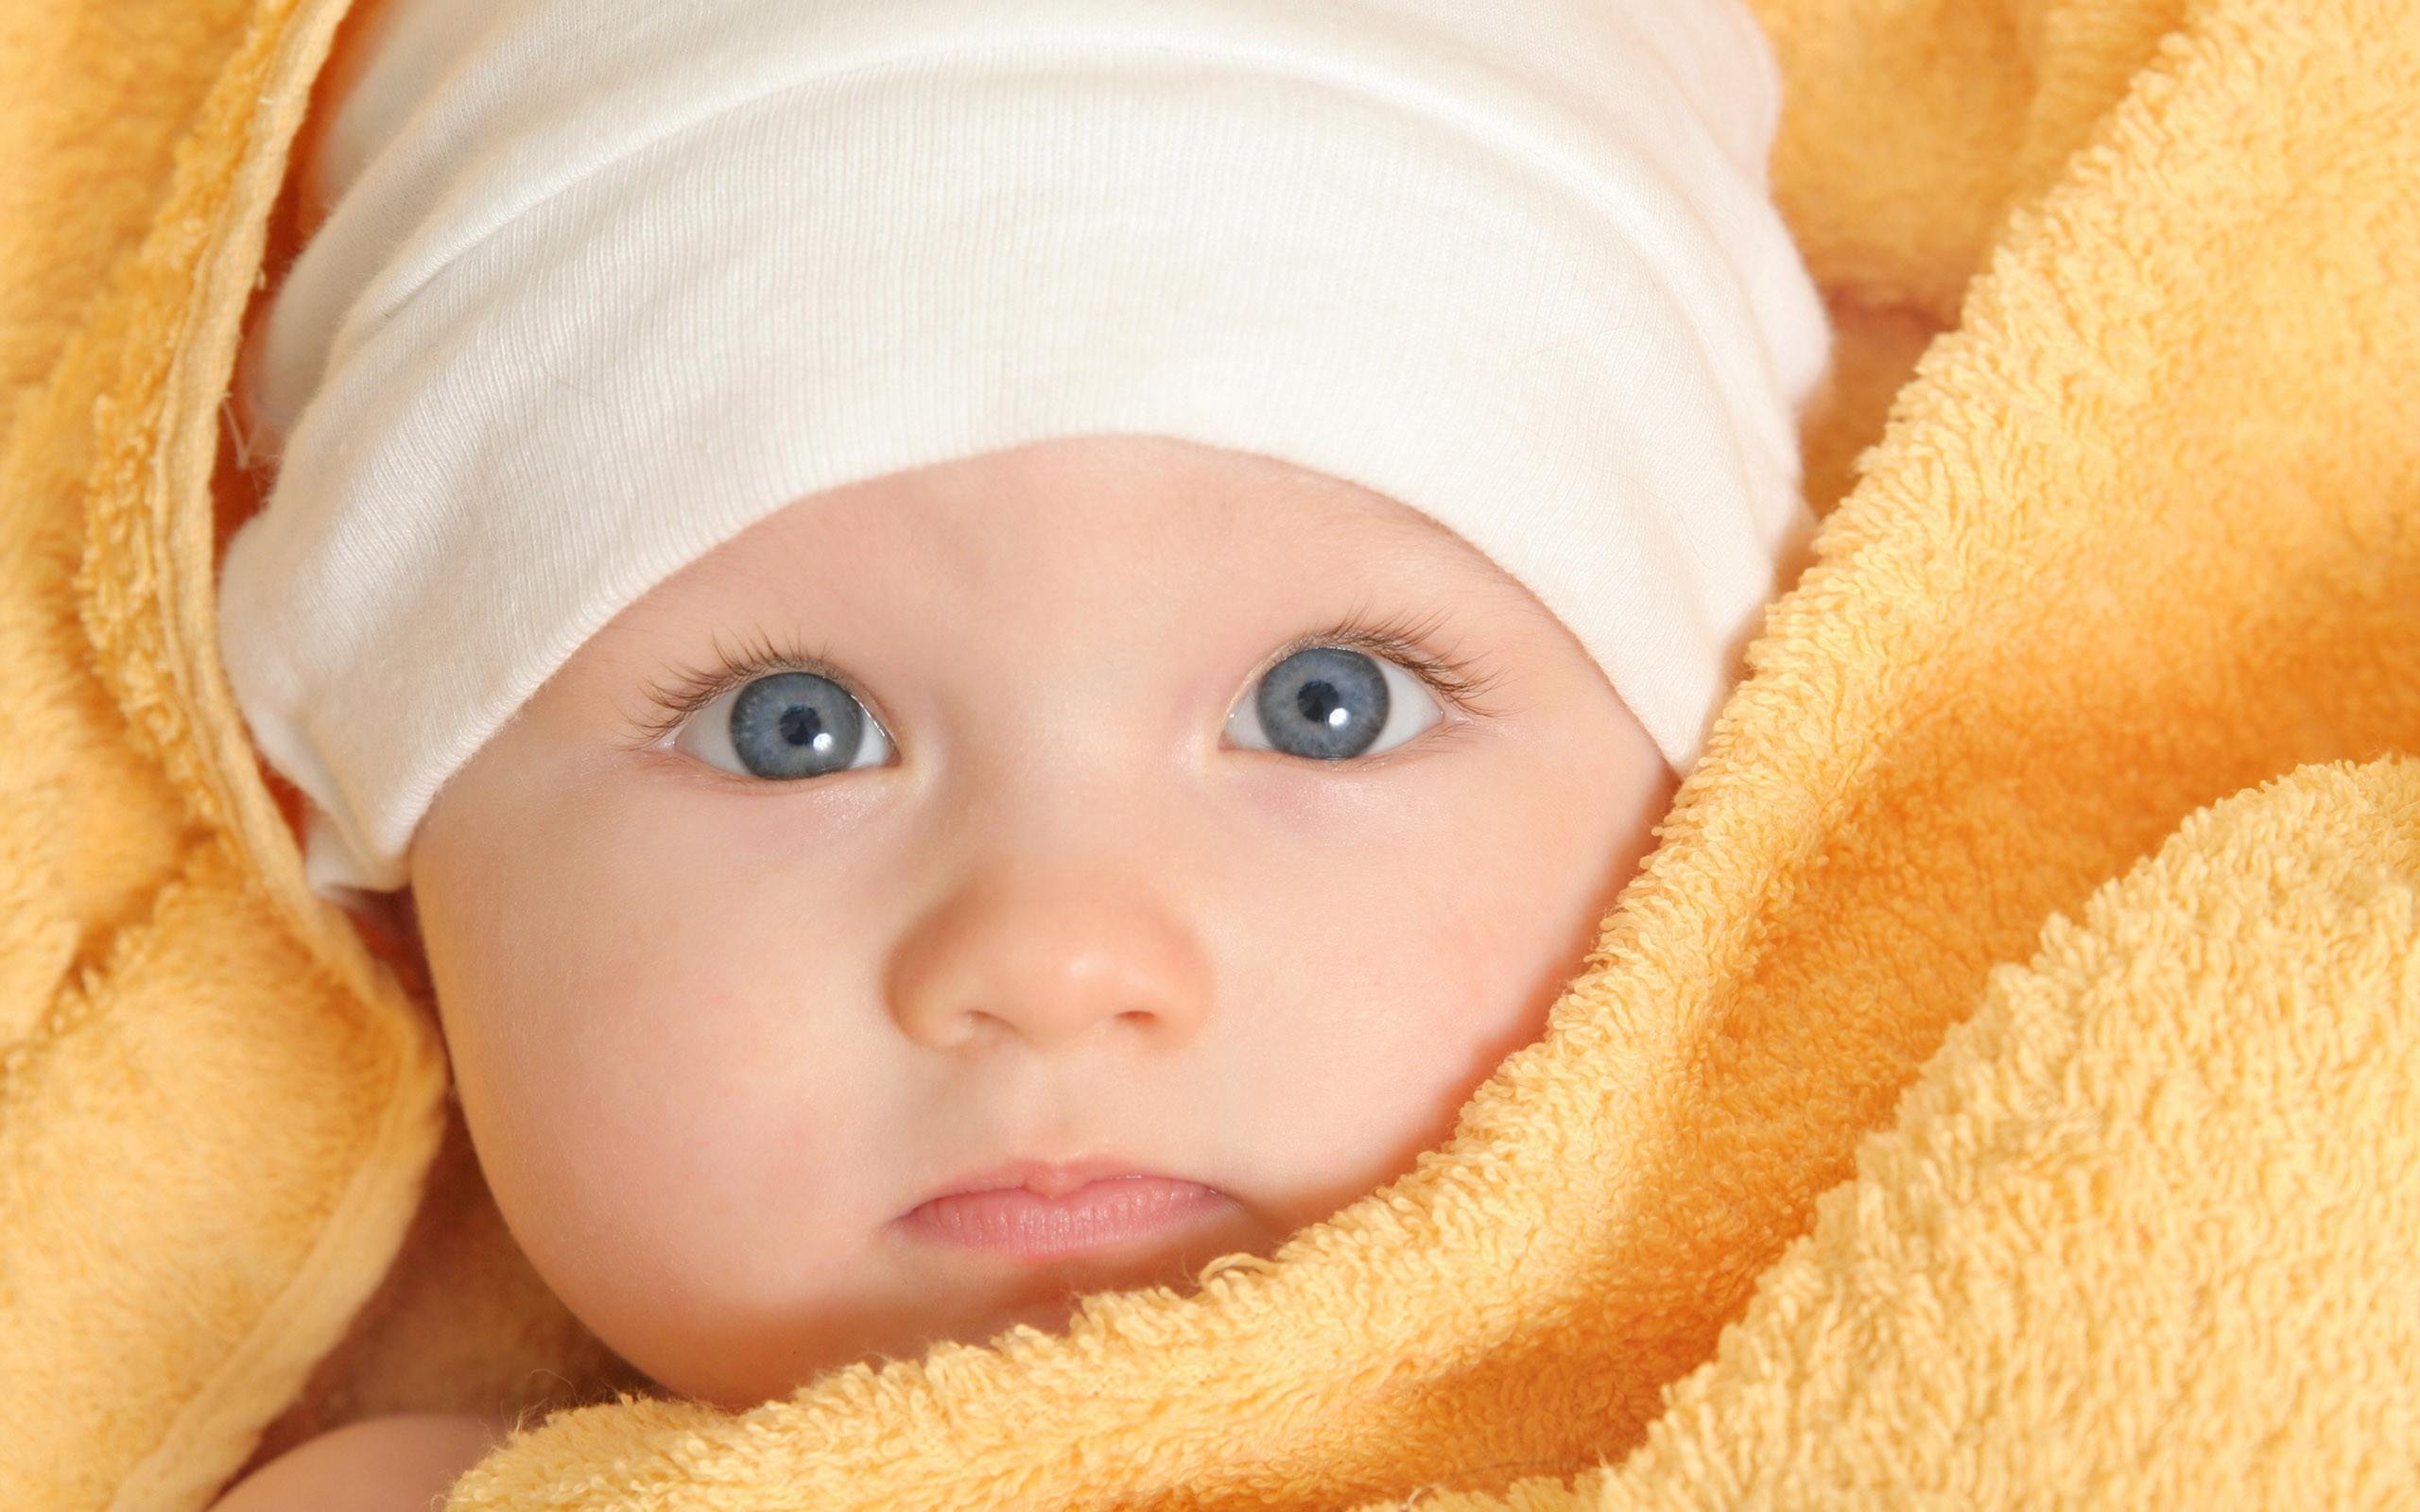 صورة اجمل الصور اطفال فى العالم , روعة وجمال الاطفال